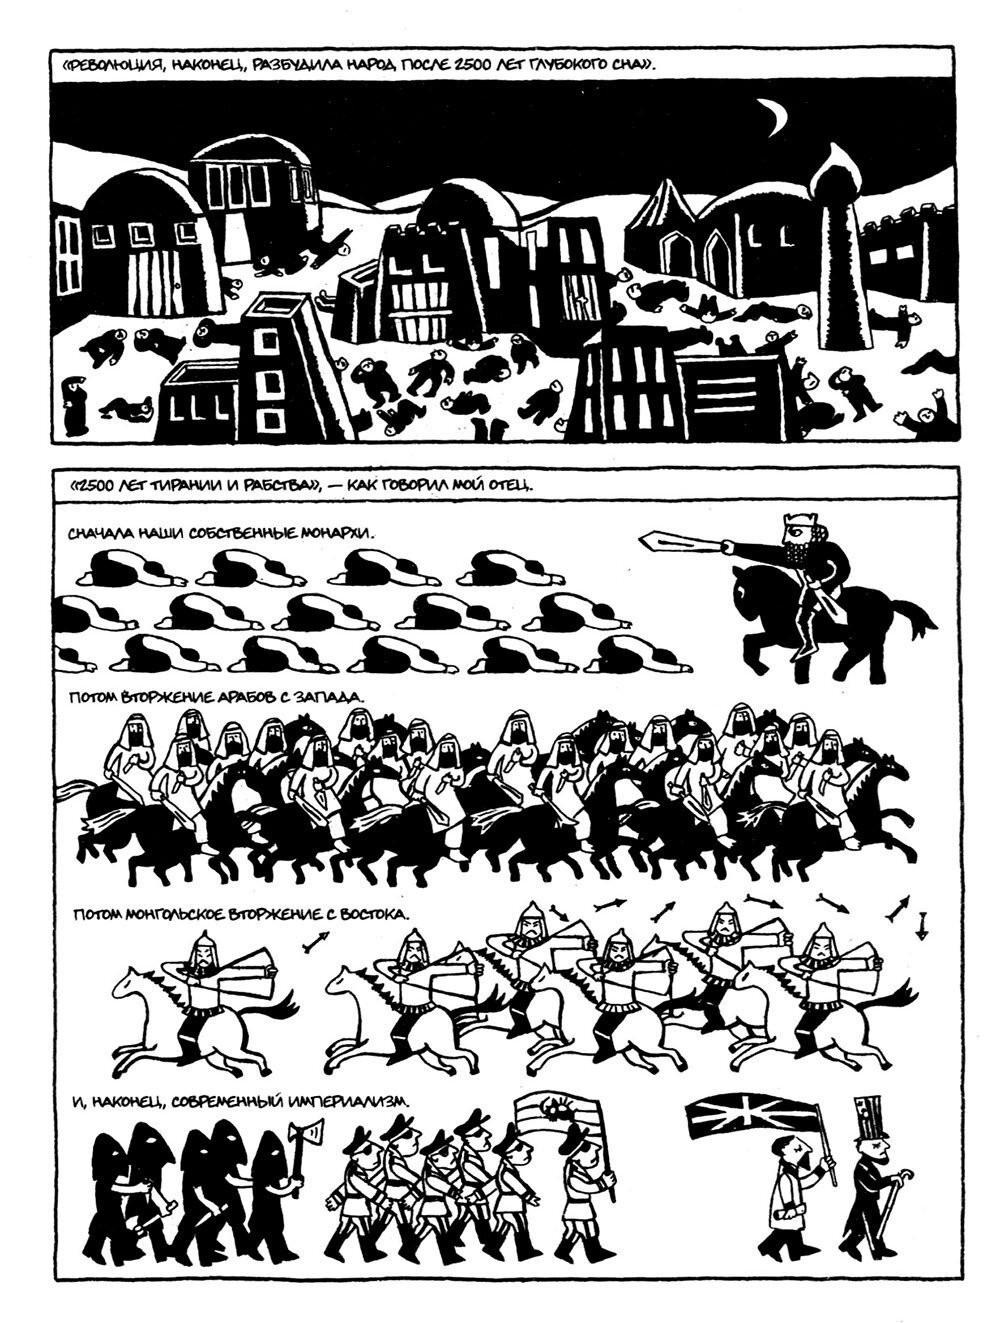 Исторический комикс Персеполис, Маржан Сатрапи. Том 1. Страница 10. Блог о комиксах Vaes Okshn